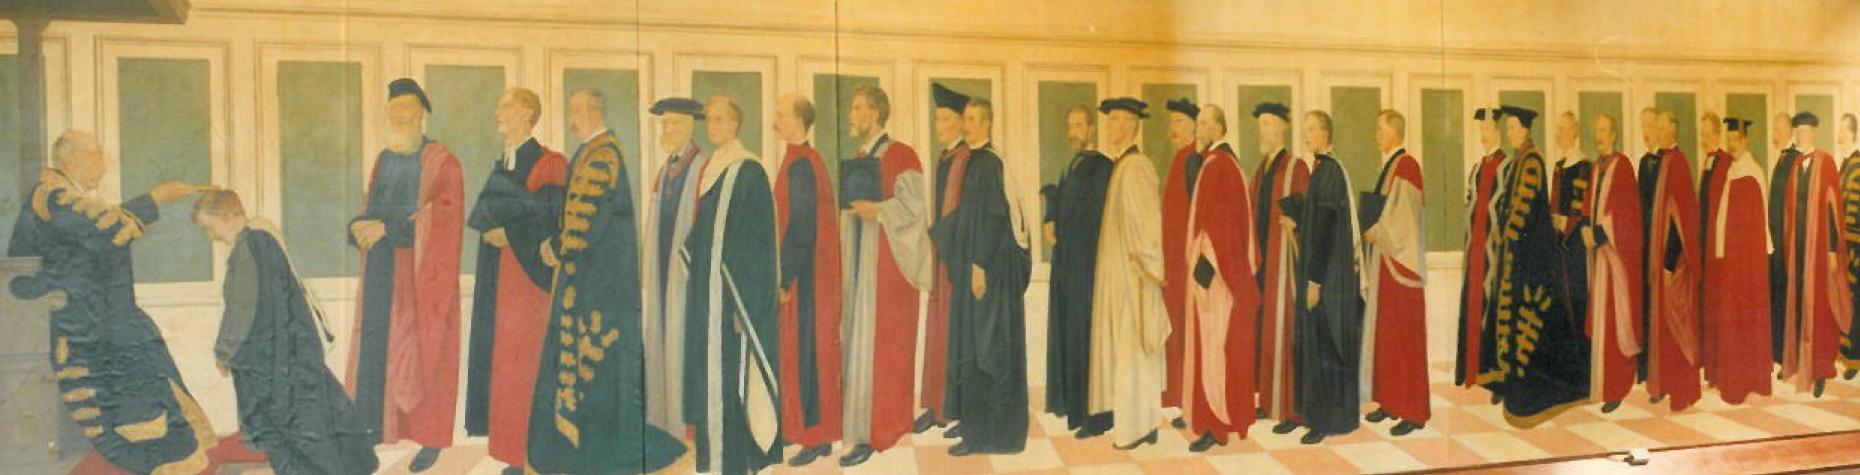 Southampton university mural